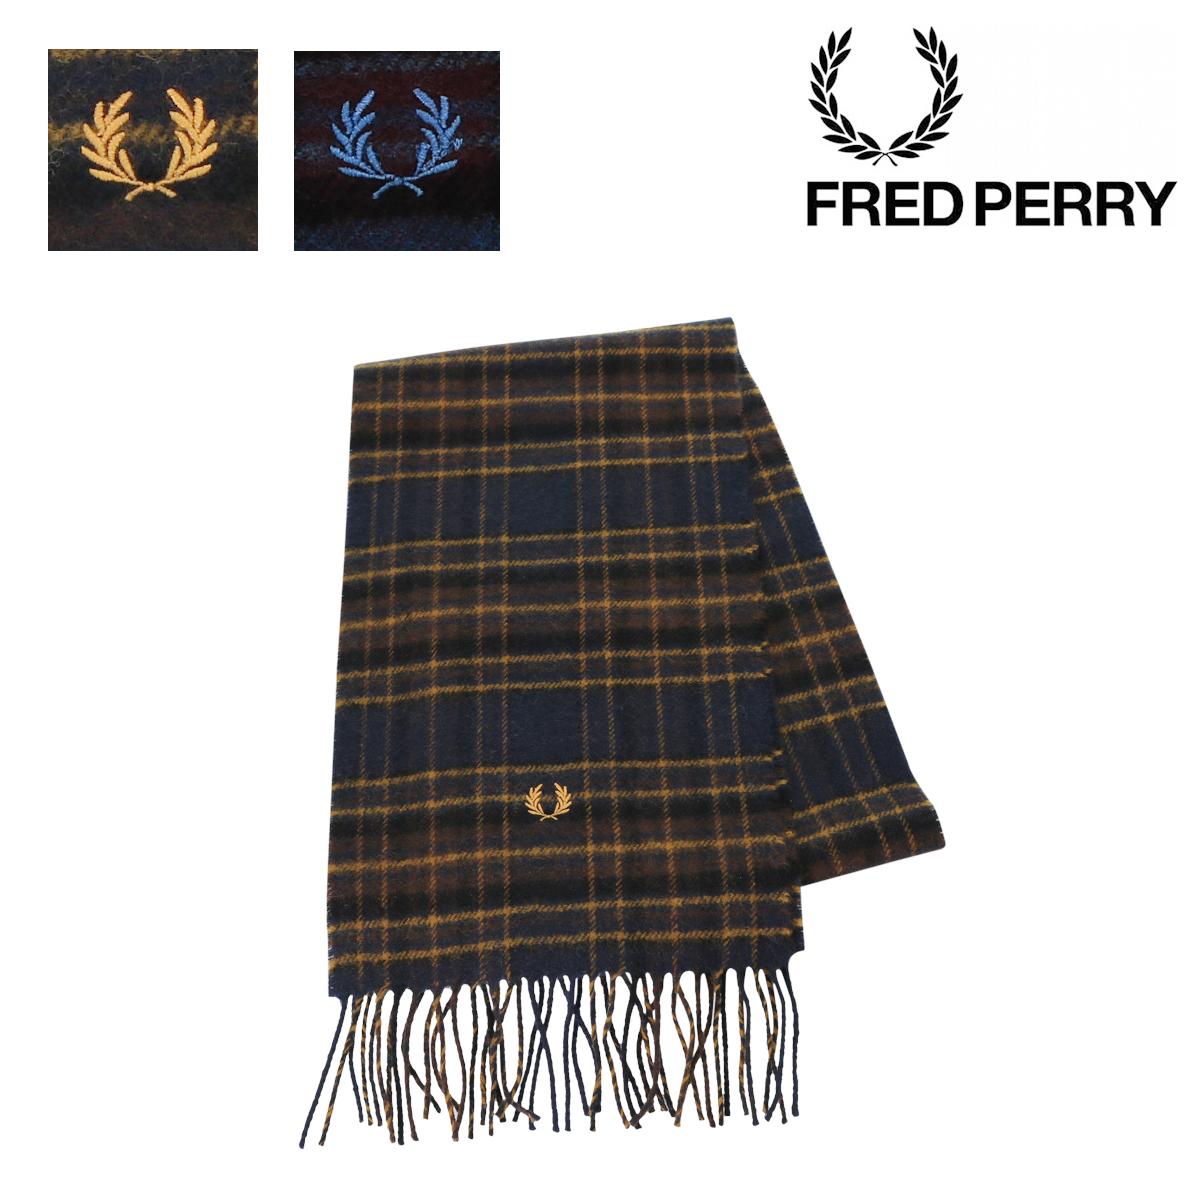 フレッドペリー マフラー ウィンタータータンスカーフ メンズ レディース C7156 FRED PERRY | シンプル[即日発送]